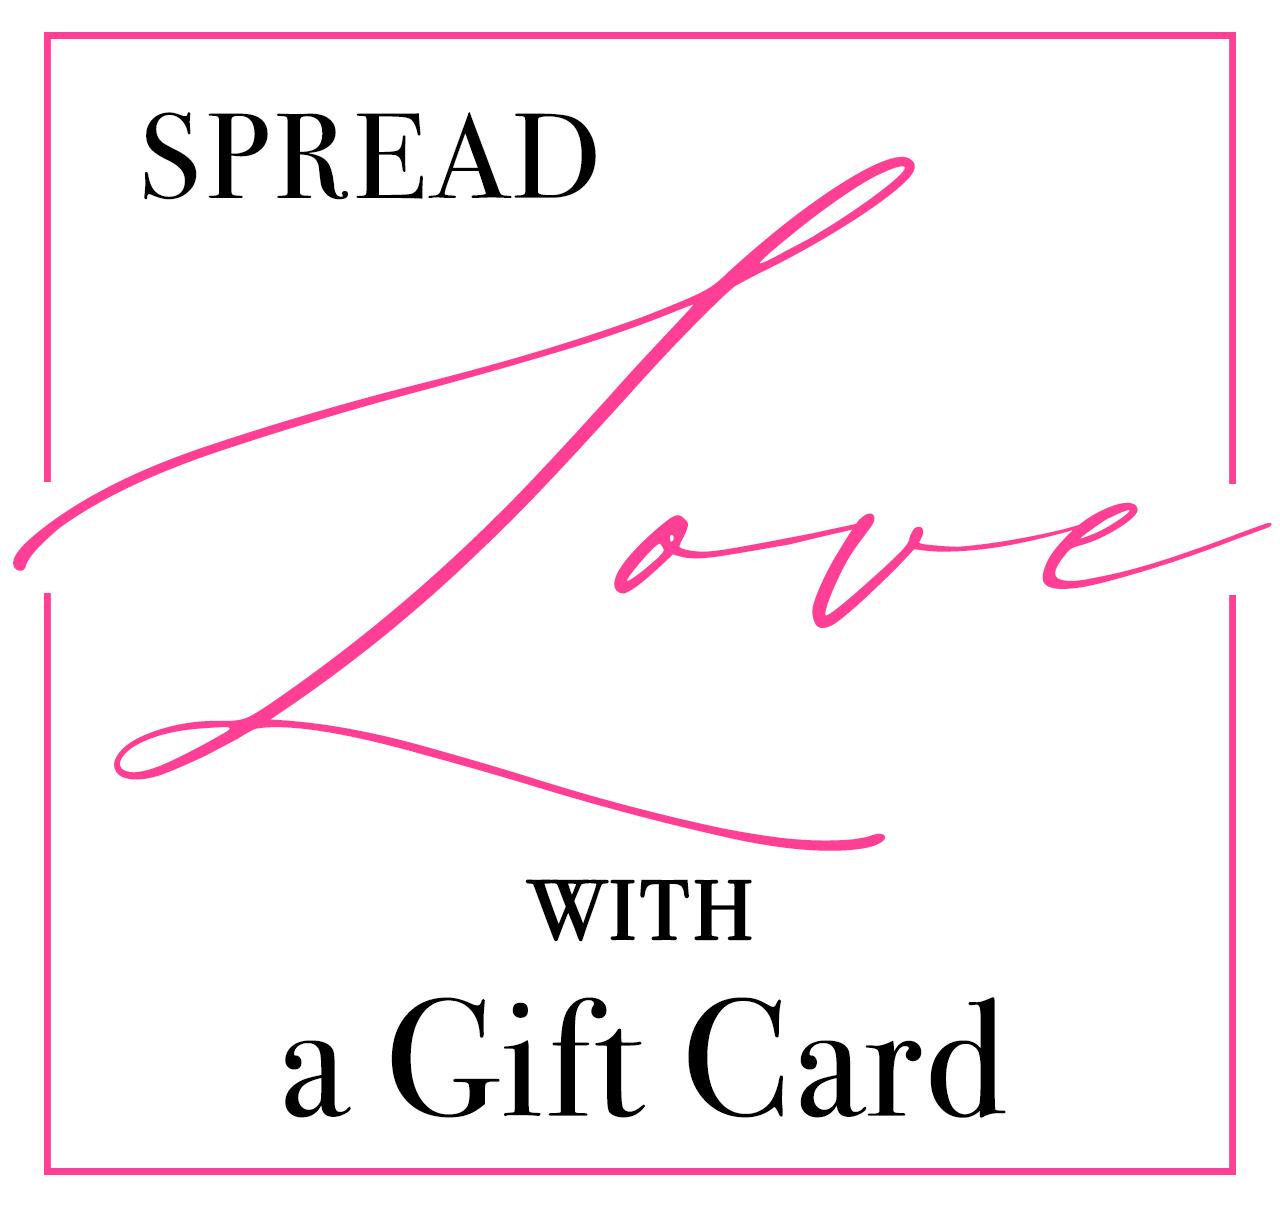 SAGIAKOS Gift Card